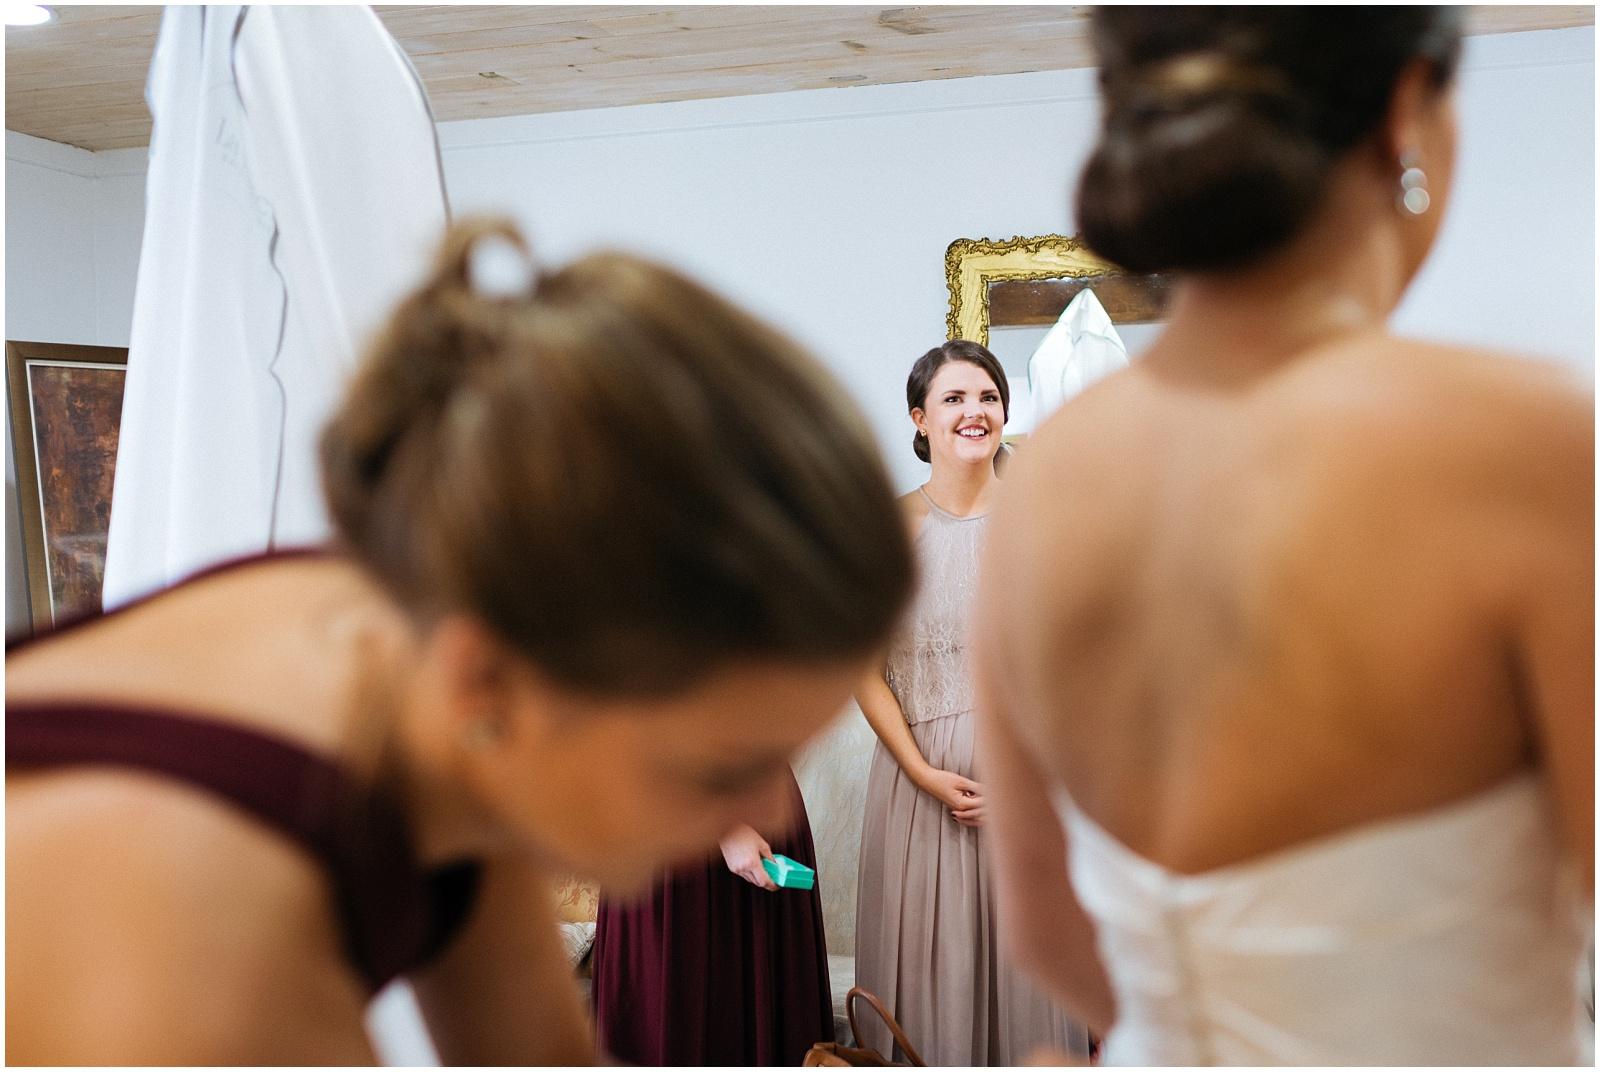 Bridesmaid watching